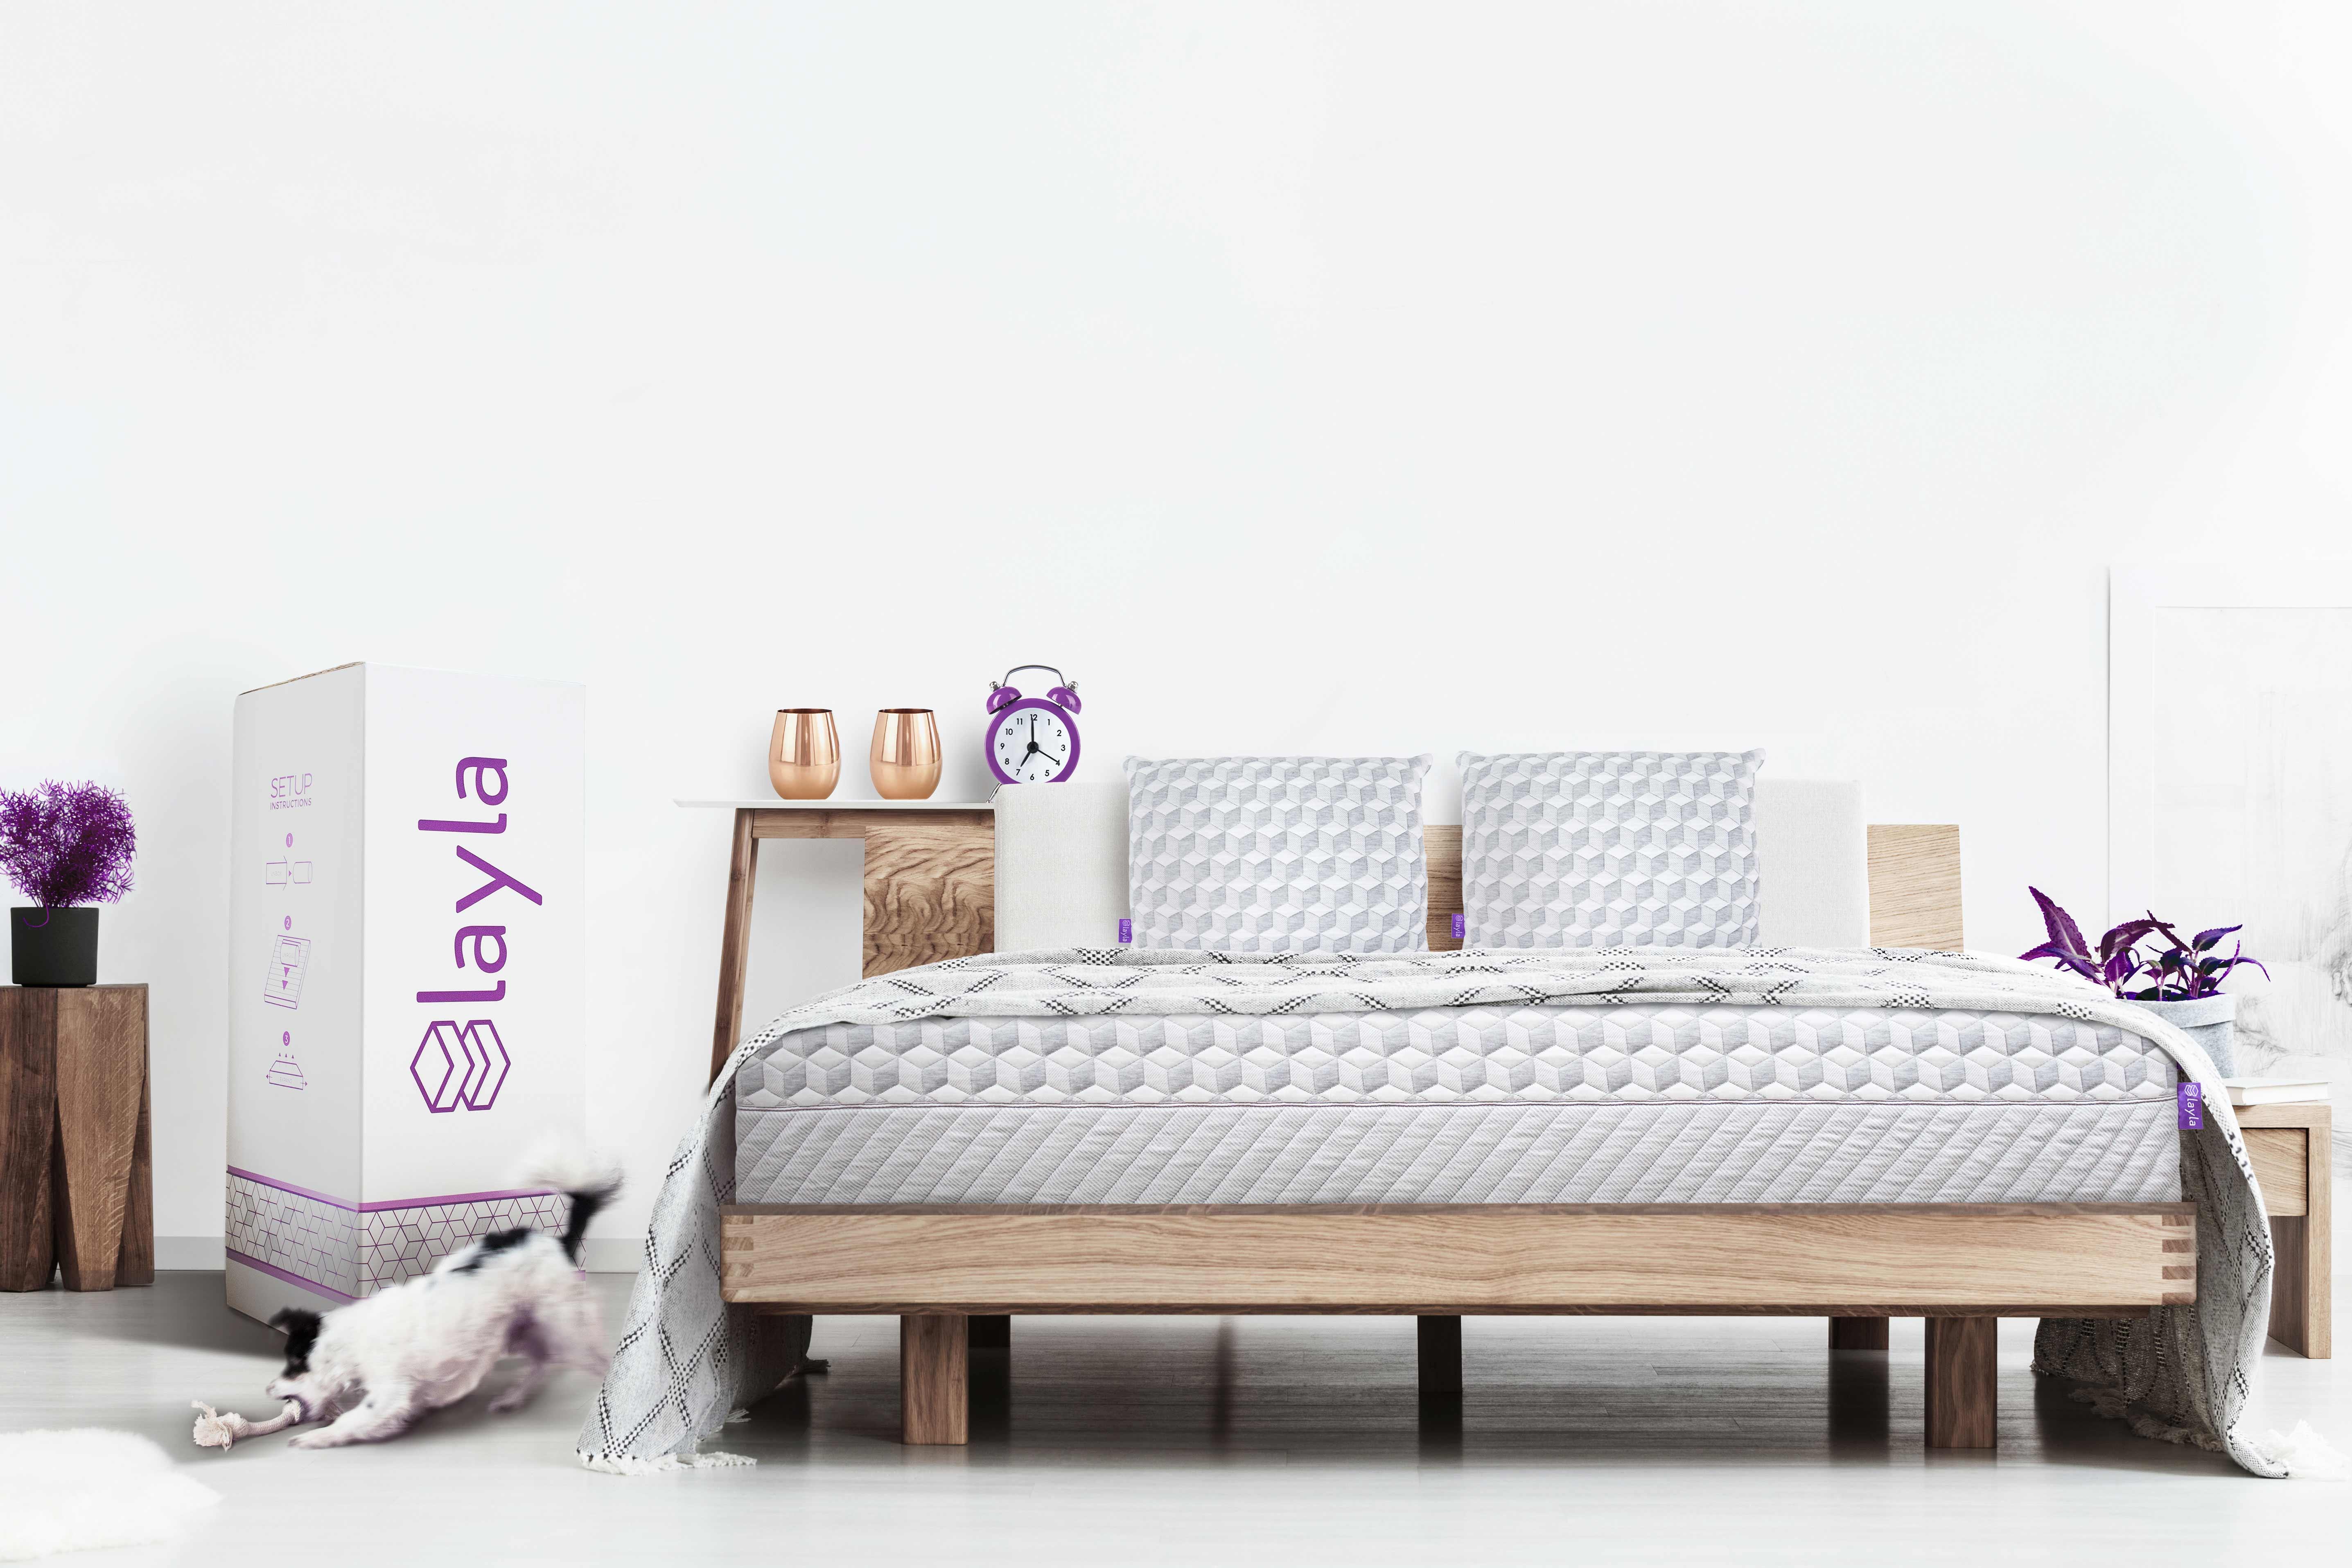 Layla mattress sitting on a bedframe